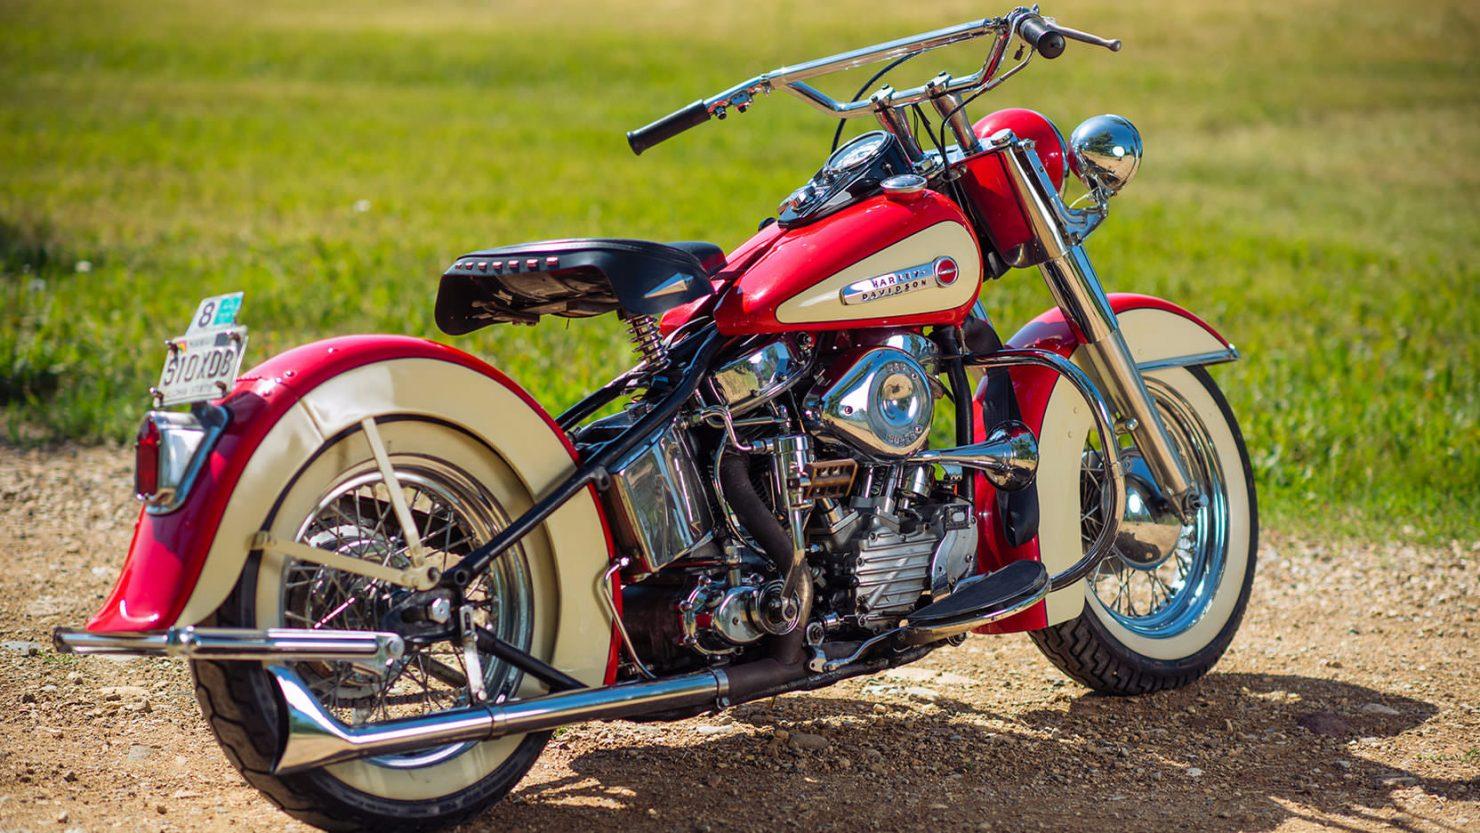 Harley Davidson FL Panhead 3 1480x833 - 1949 Harley-Davidson FL Panhead